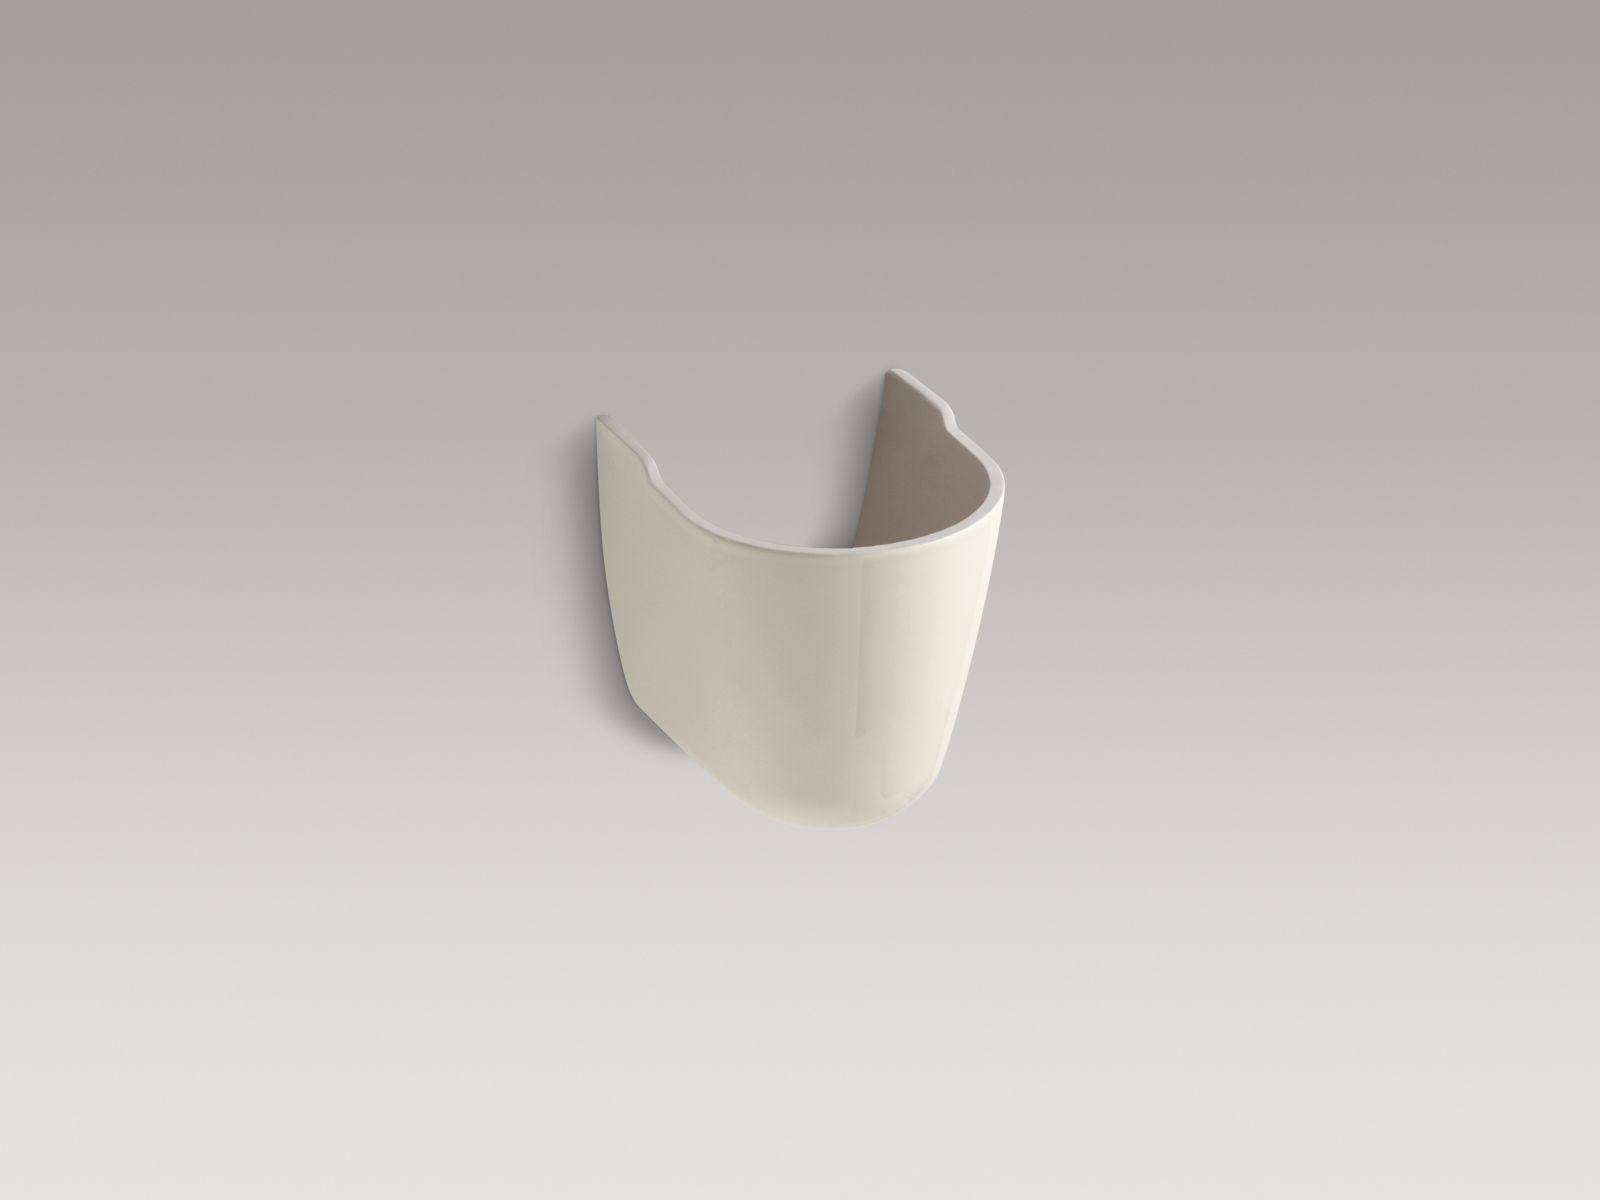 Kohler K-1998-47 Brenham Shroud for Wall-mounted Bathroom Sinks Almond